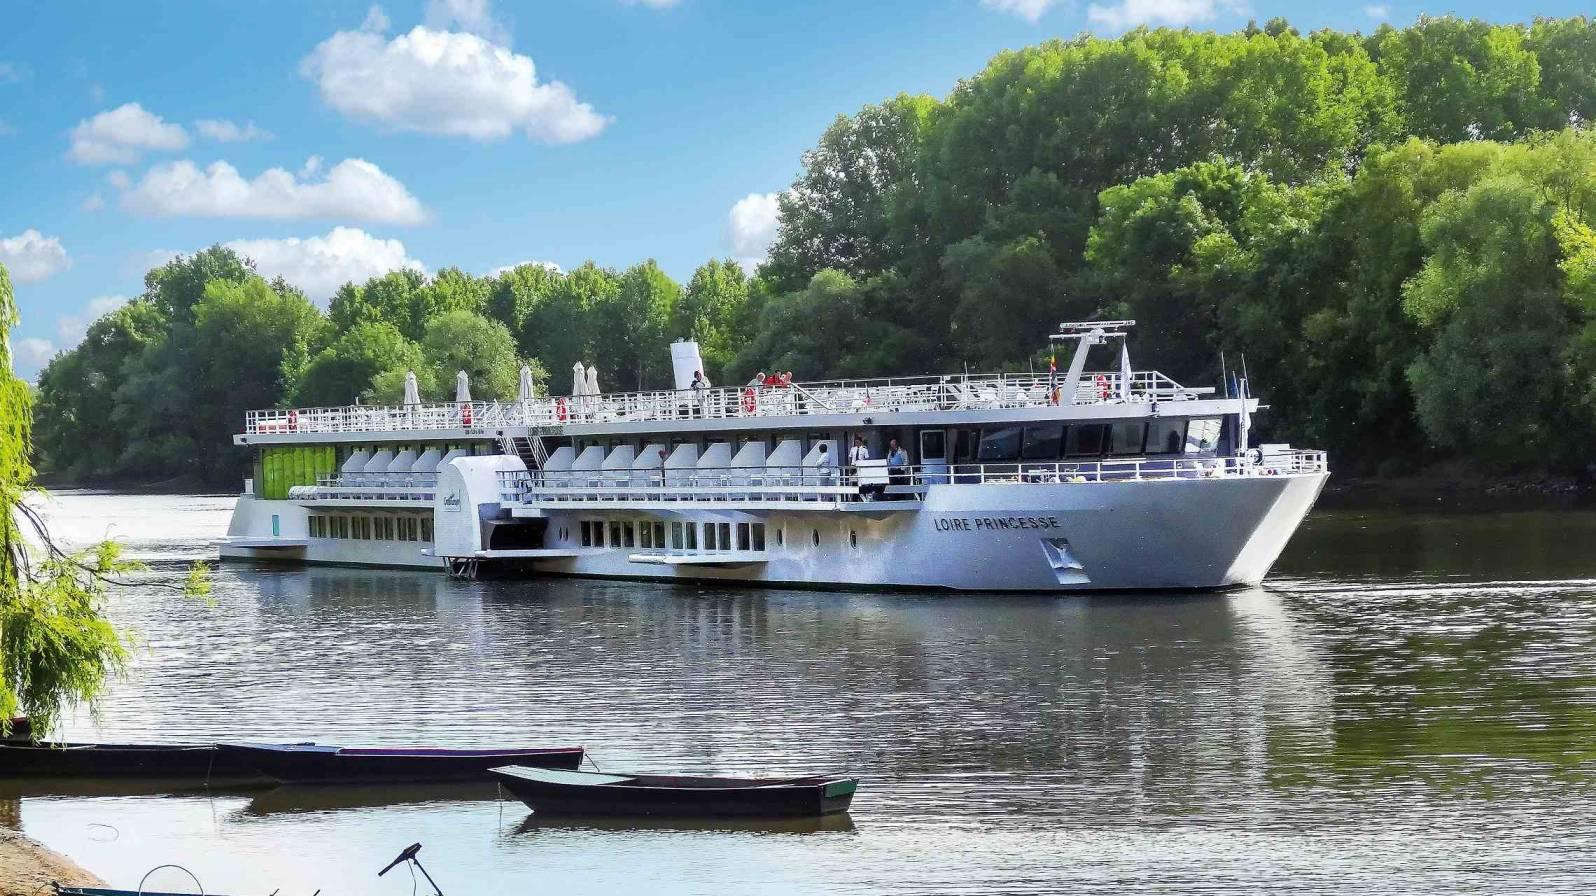 Loire Princesse yleiskuva CroisiEurope©Goetten